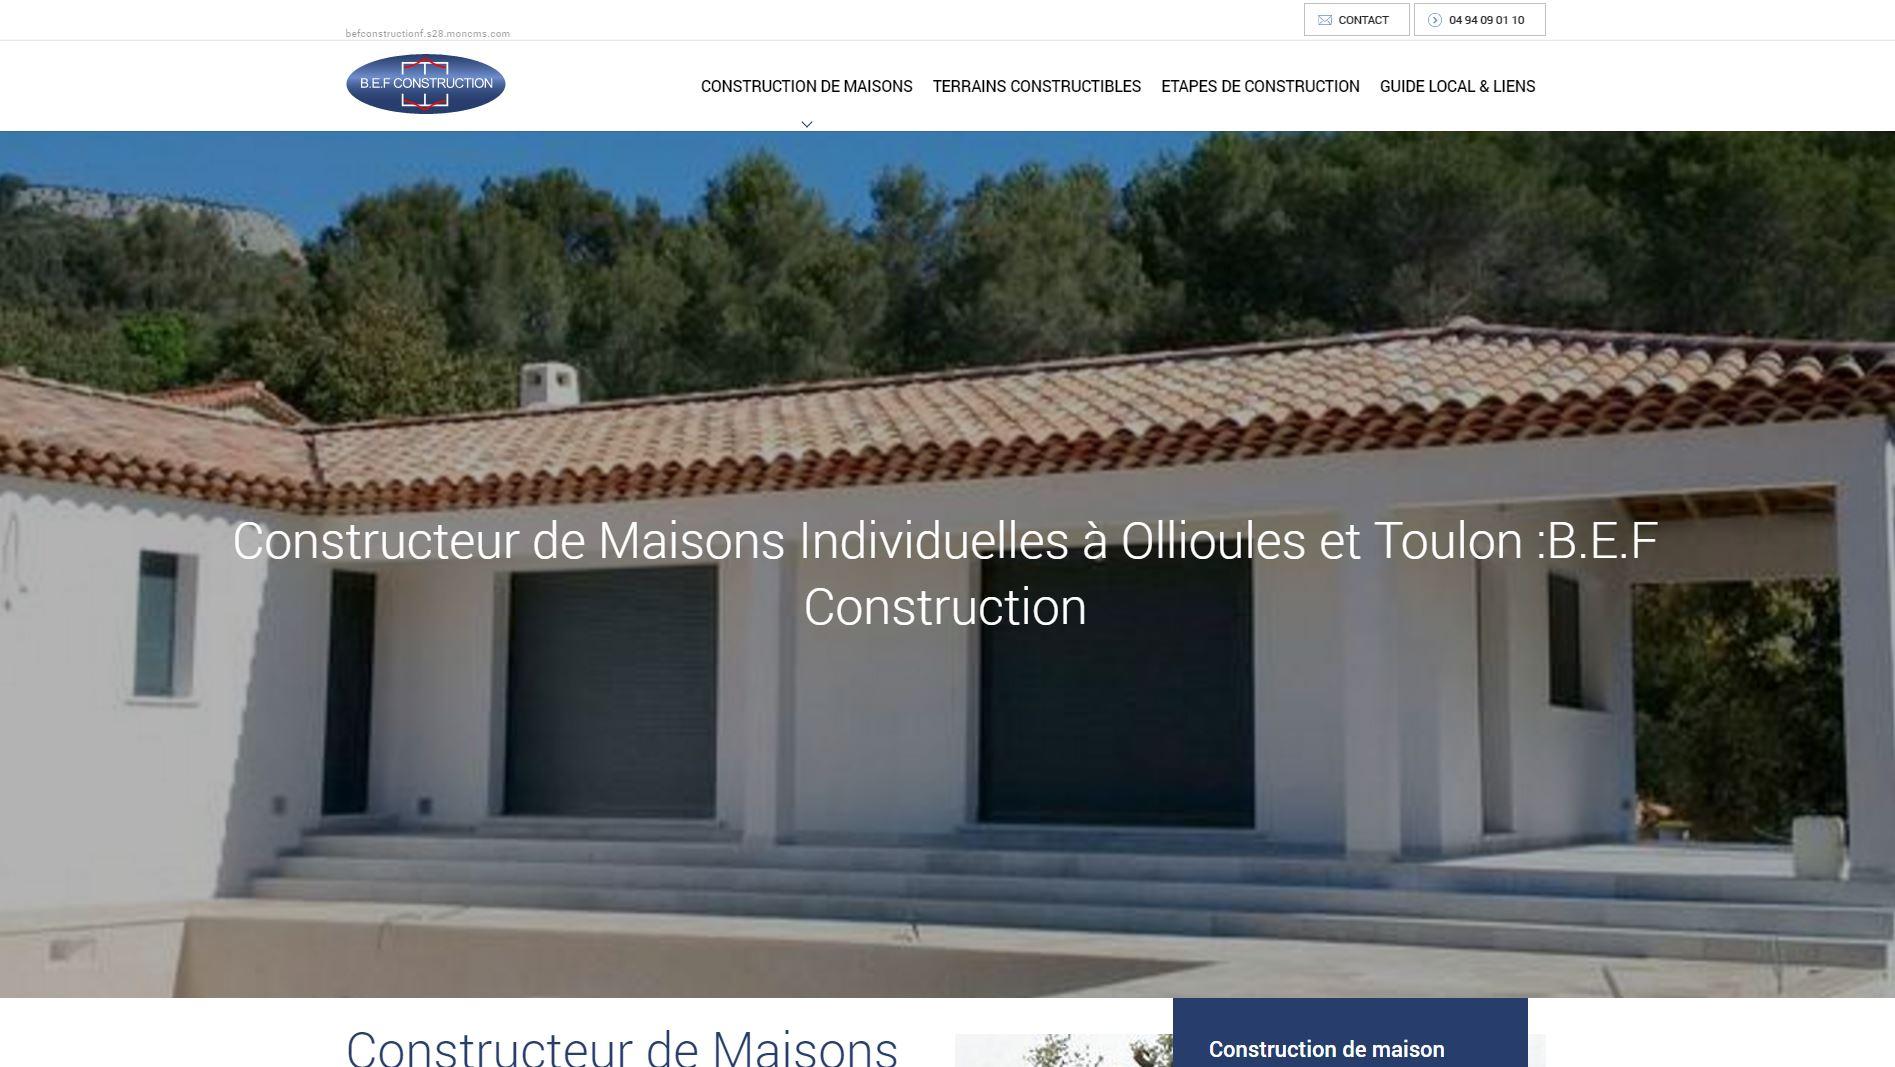 Constructeur de maisons individuelles et villas la garde for Constructeur maison marseille